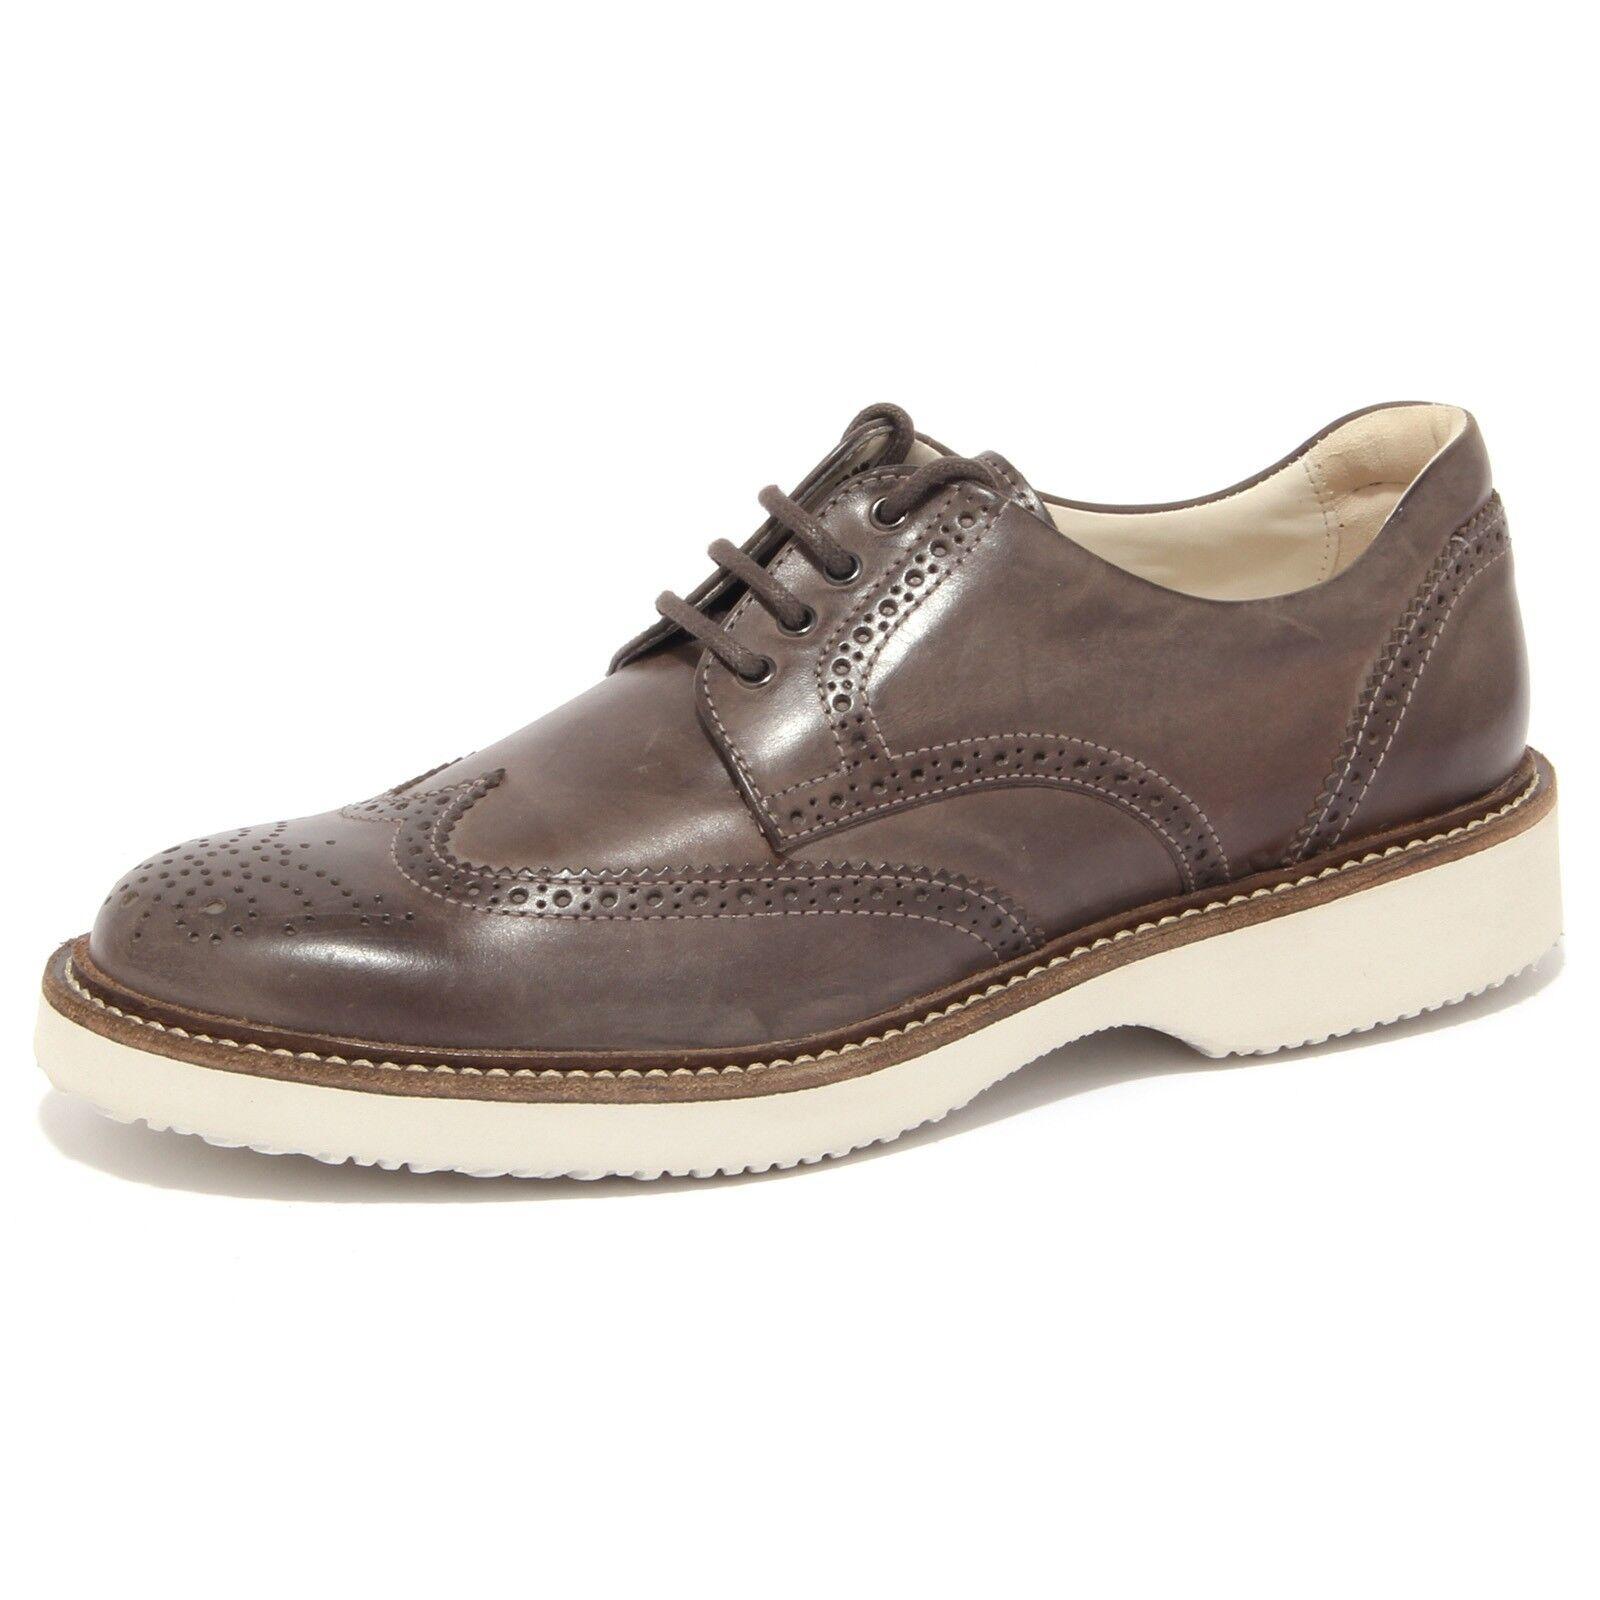 90242 scarpa HOGAN BUCATURE H 217 ROUTE DERBY BUCATURE HOGAN uomo shoes men 96328f